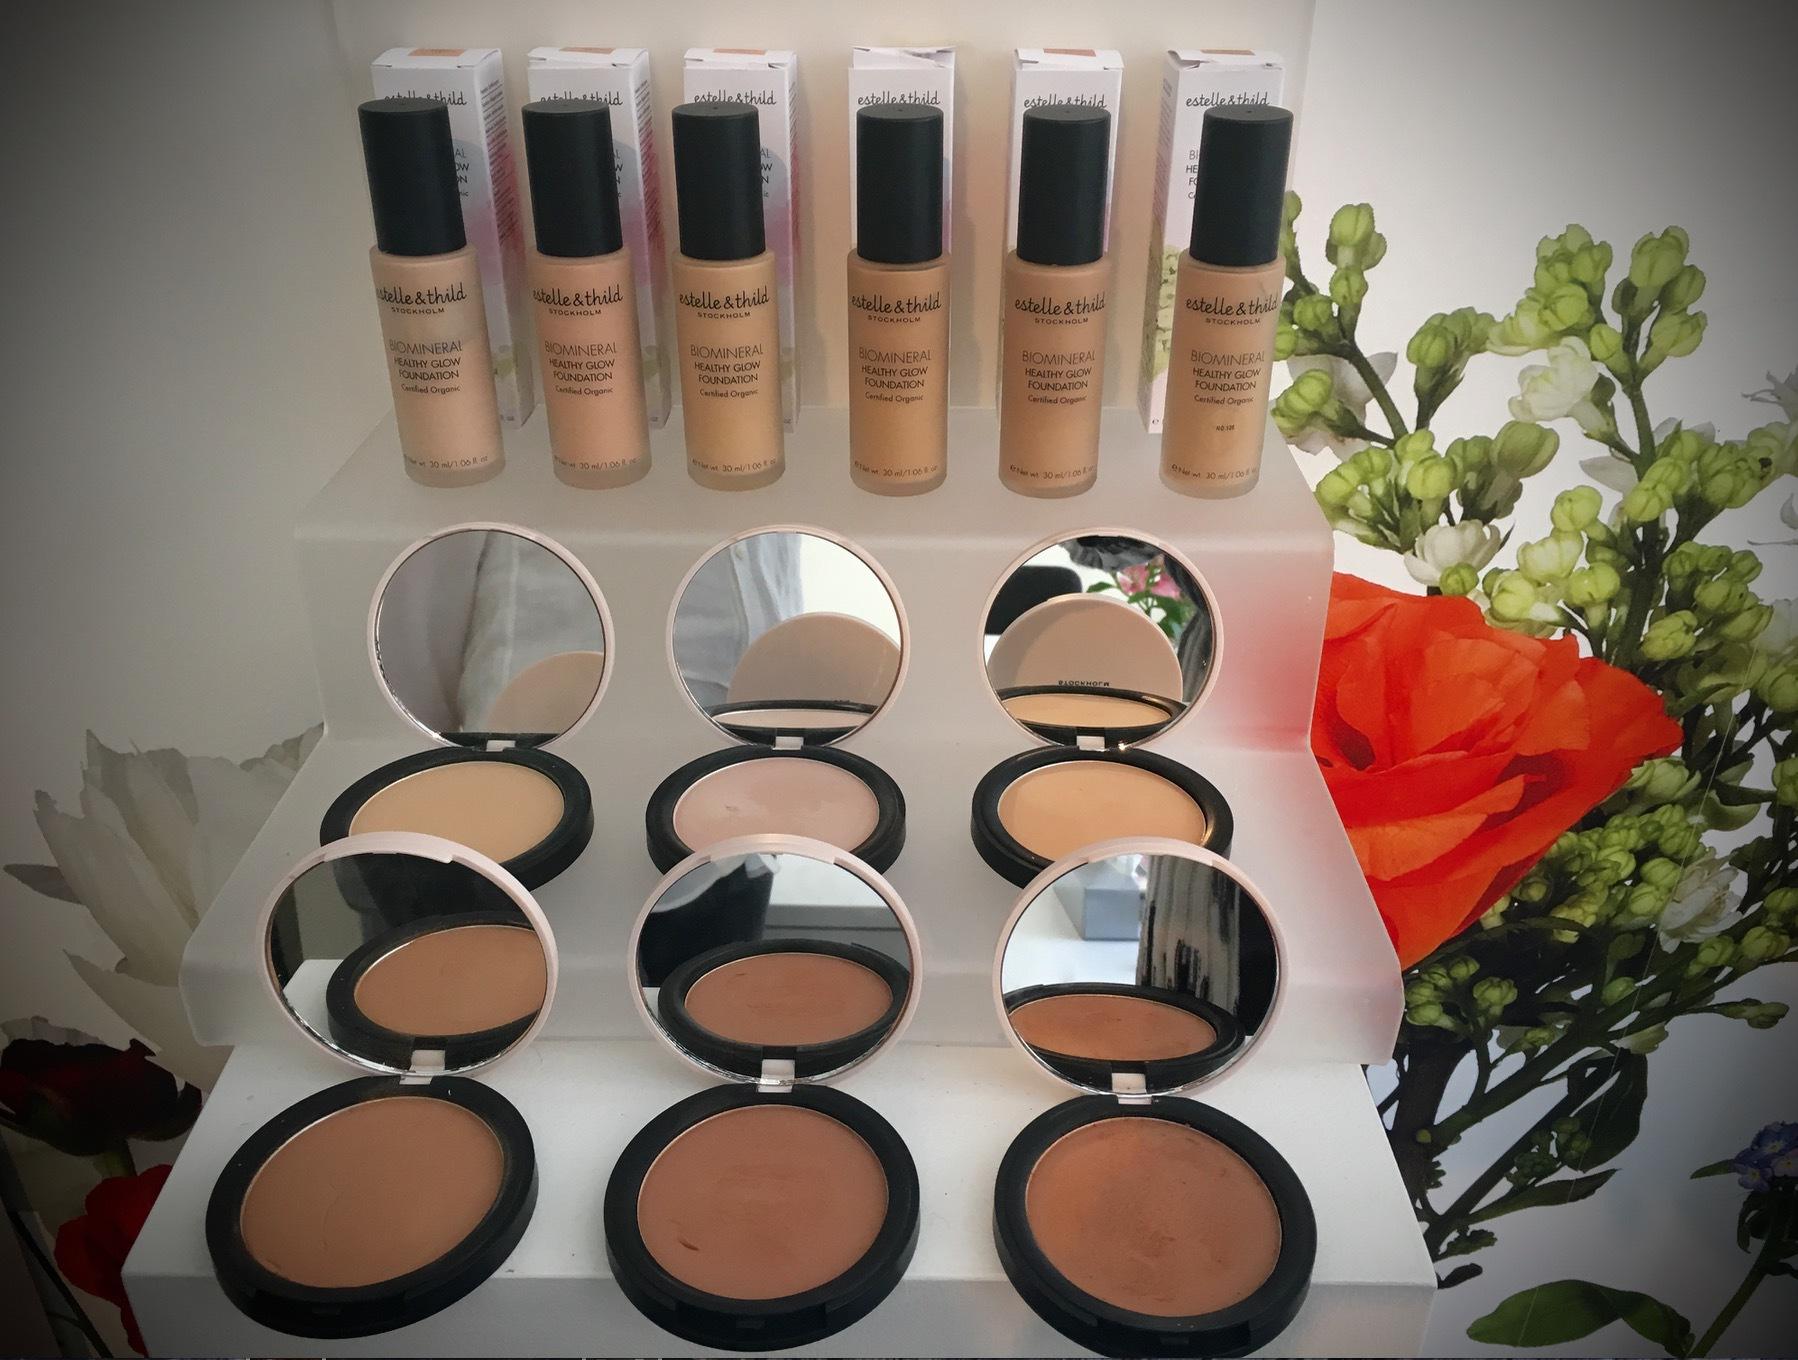 Ekocertifierat bra smink är man inte bortskämd med. Estelle & Thild har 65 olika artiklar i sin nylanserade makeupserie med både matta och skimrande produkter